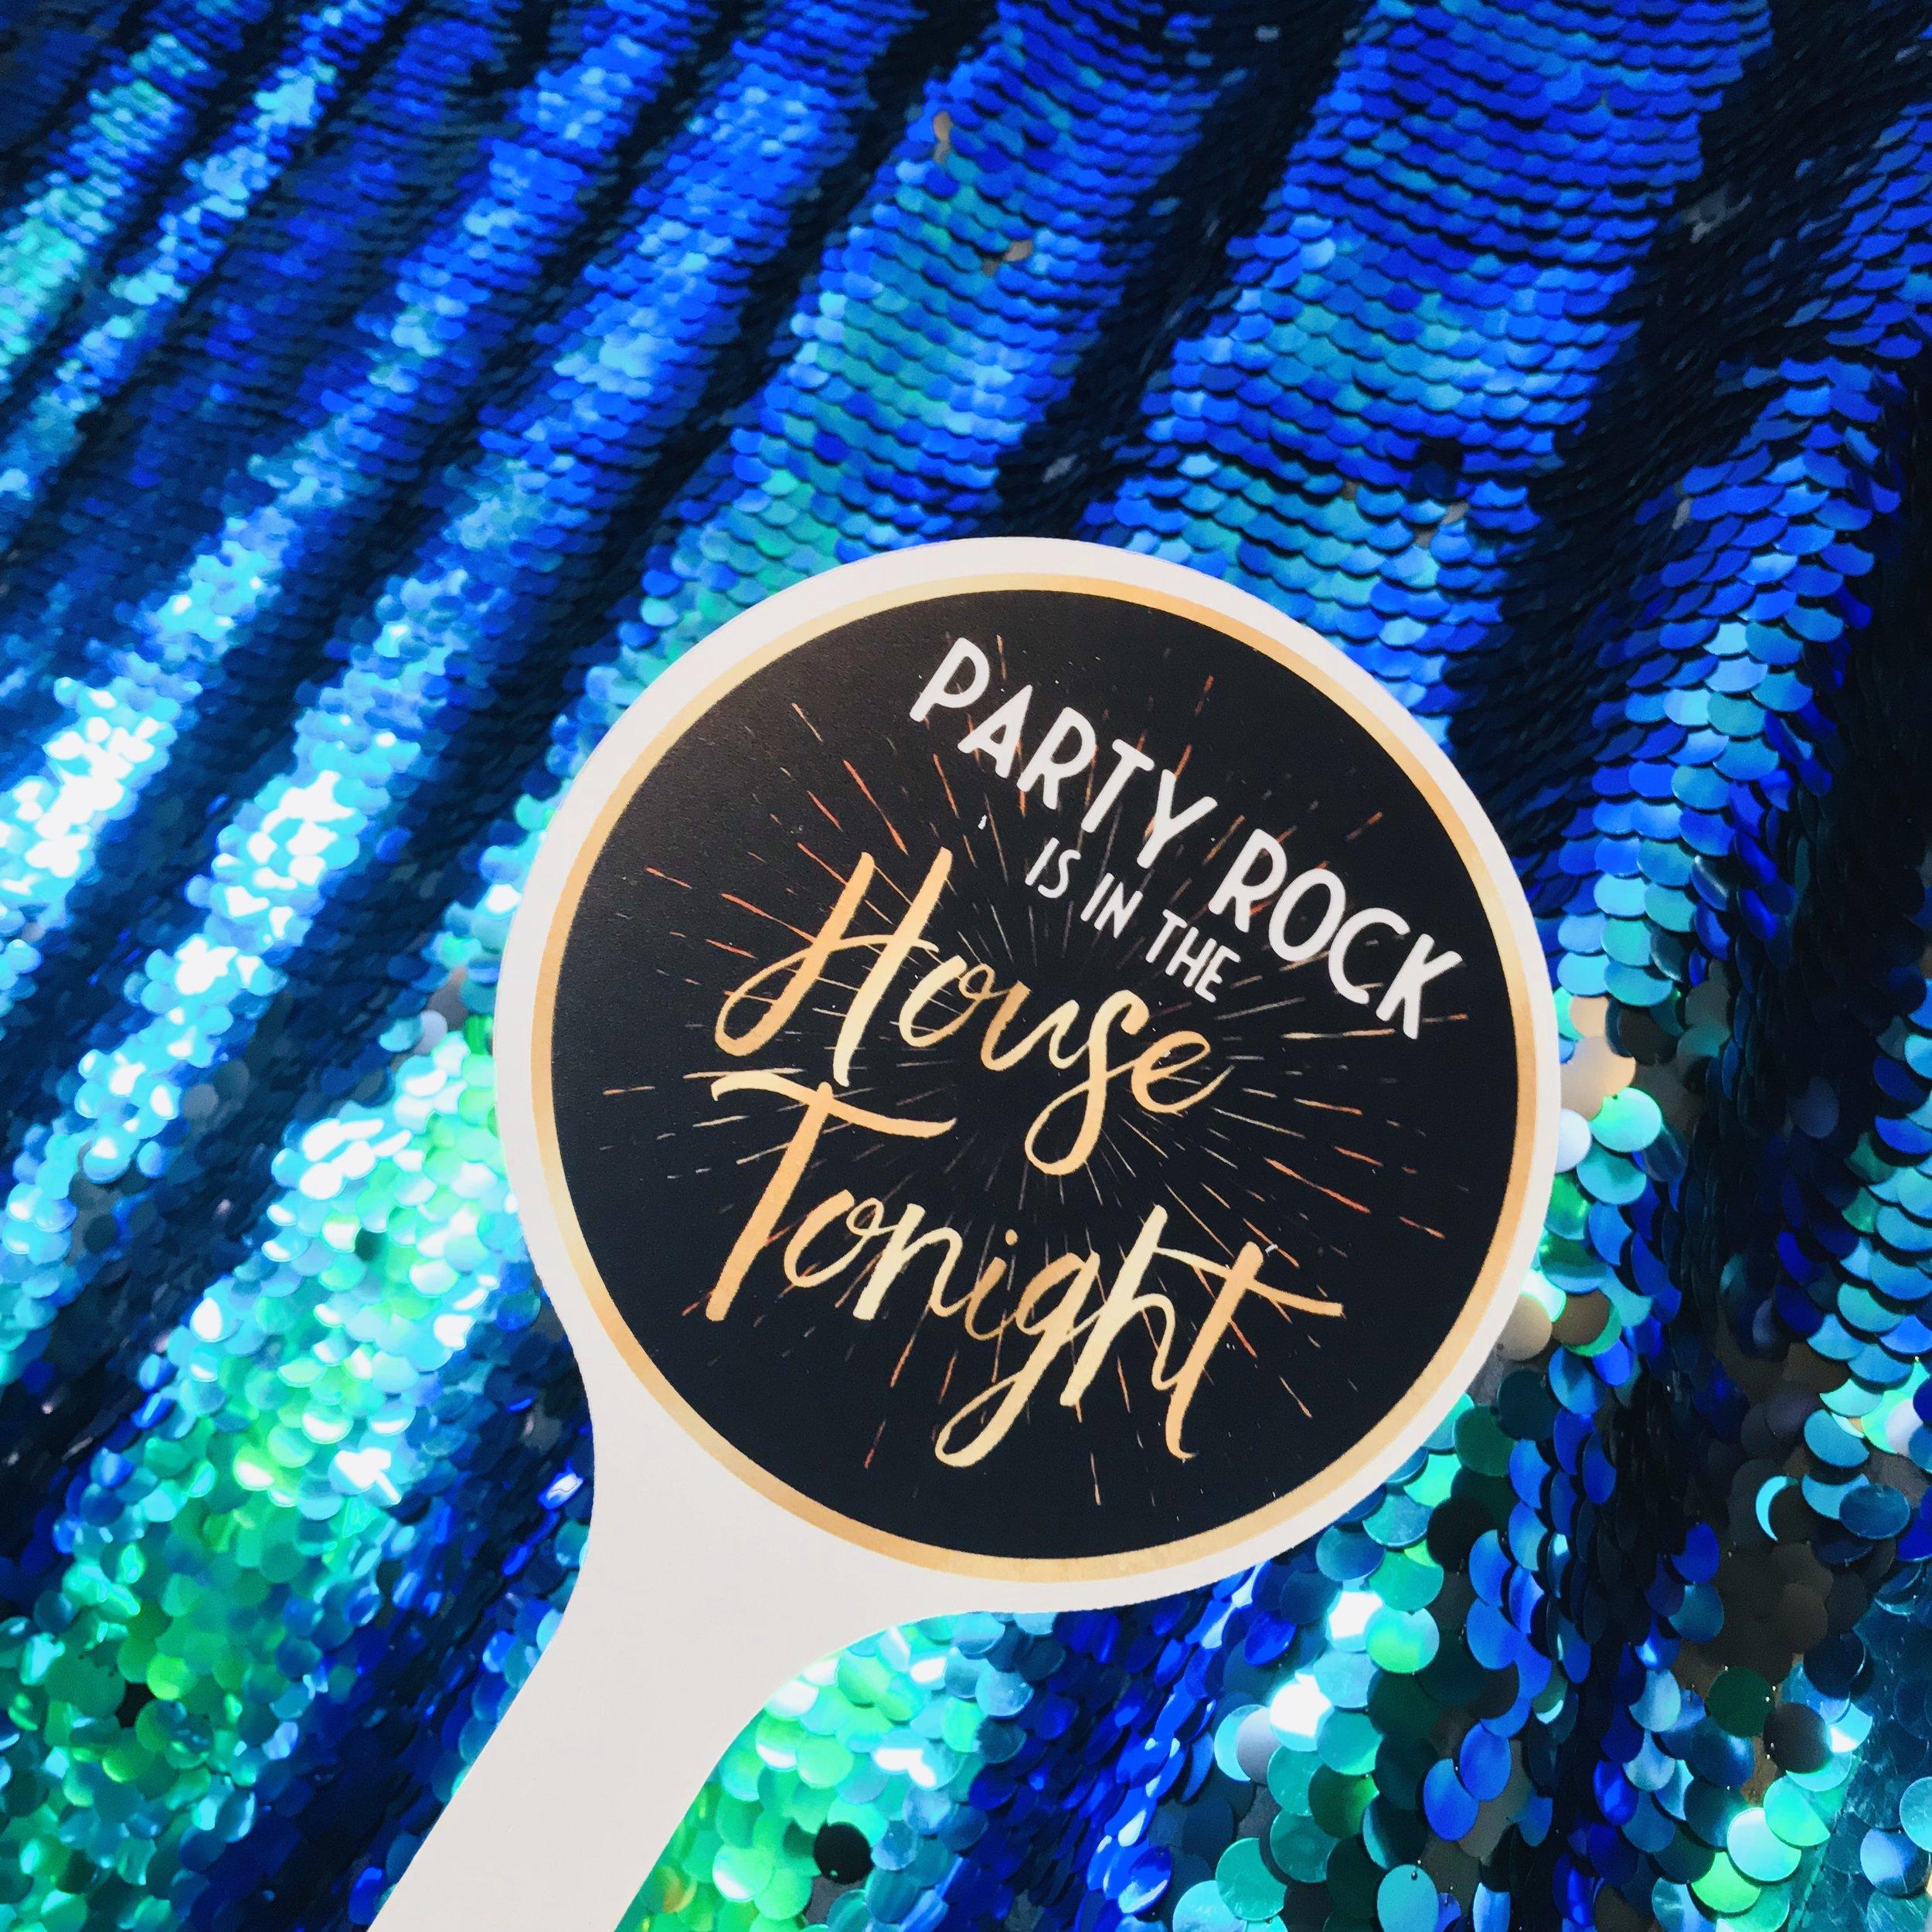 Party rock.jpg